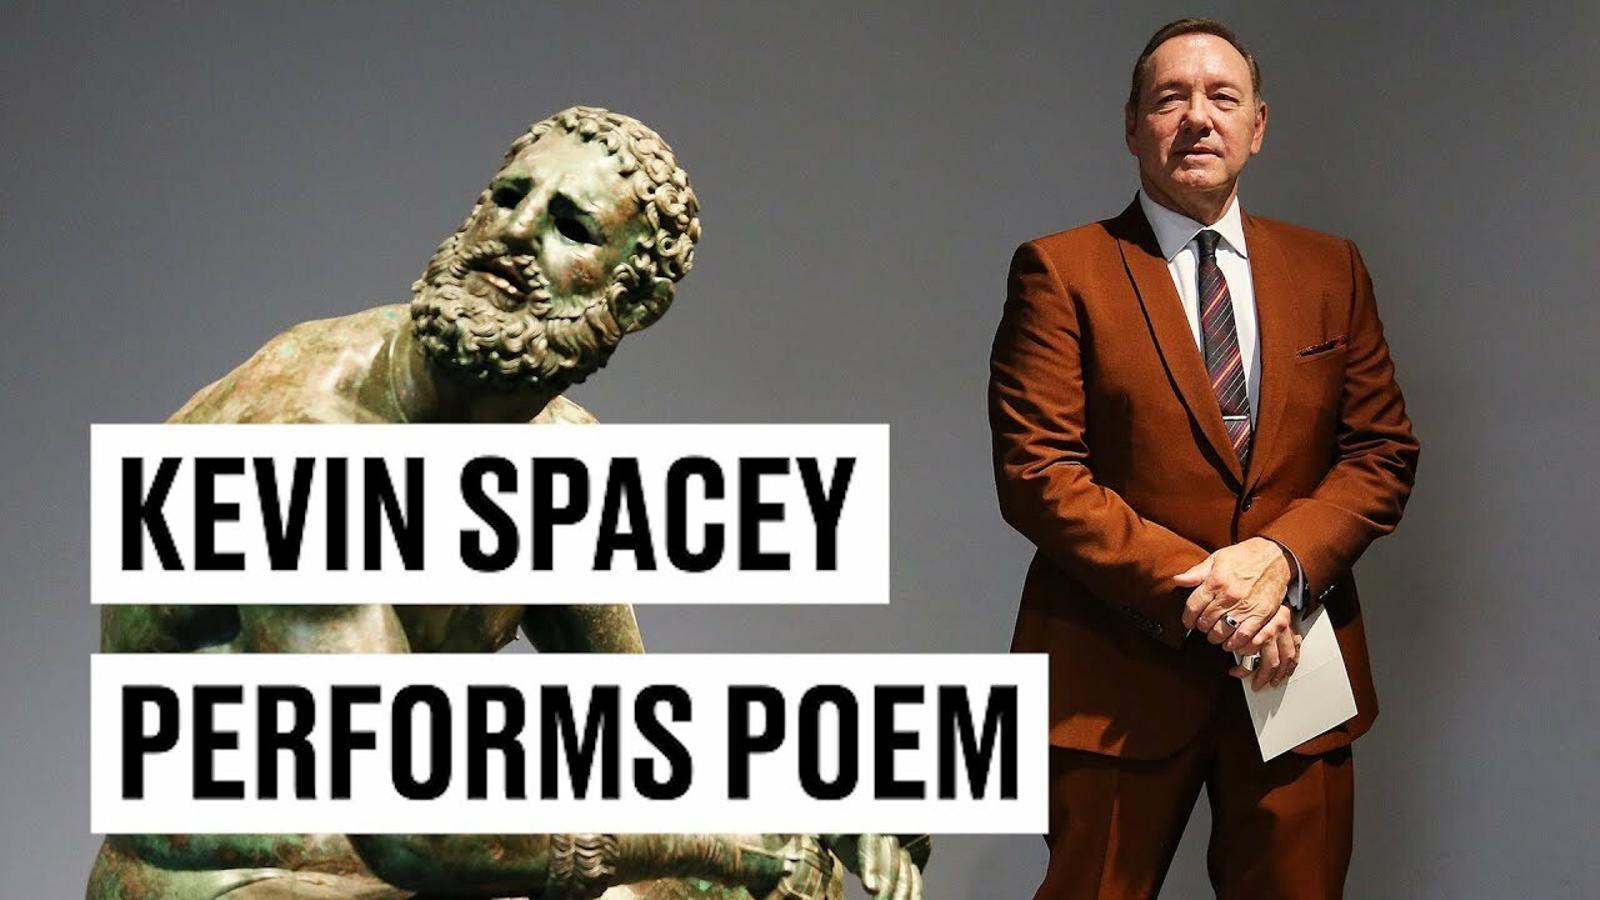 El poema de Kevin Spacey